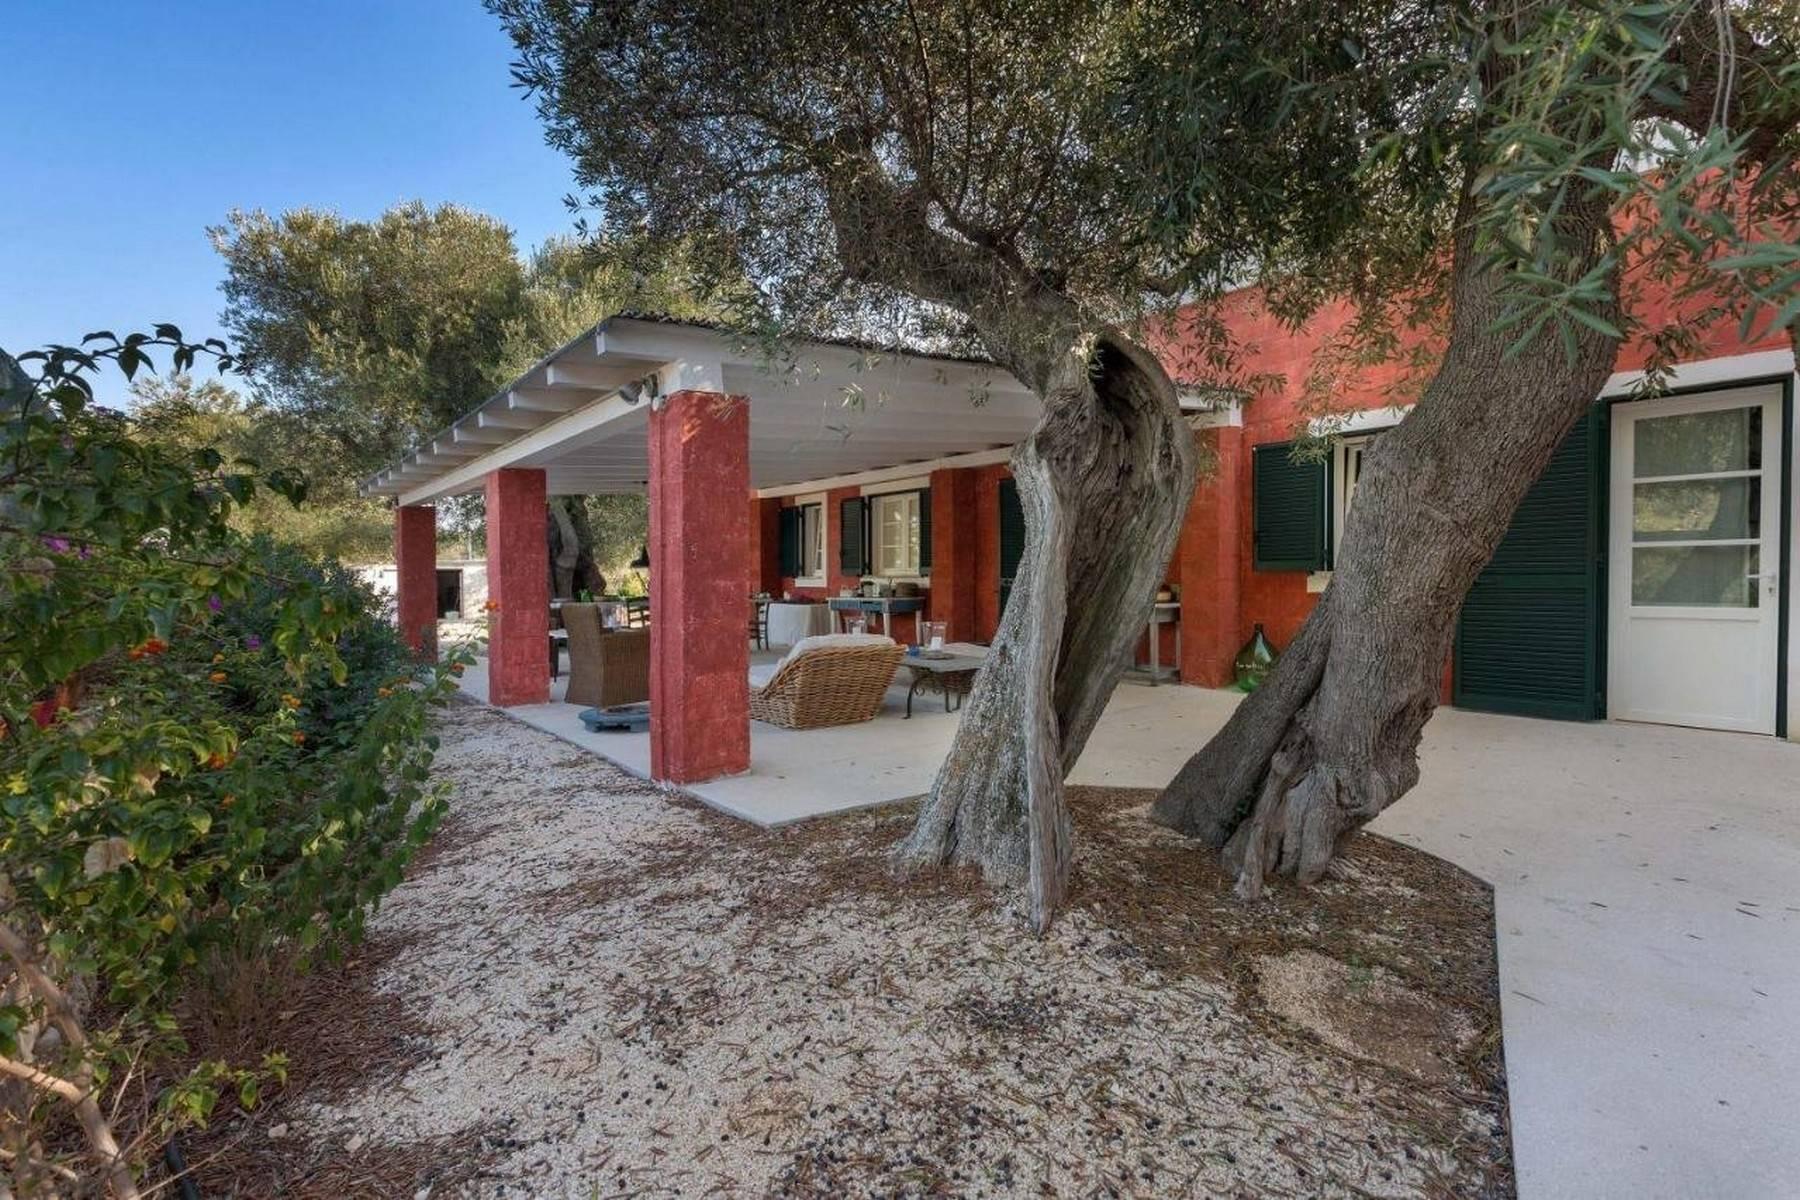 Villa in Vendita a Ostuni: 5 locali, 167 mq - Foto 21